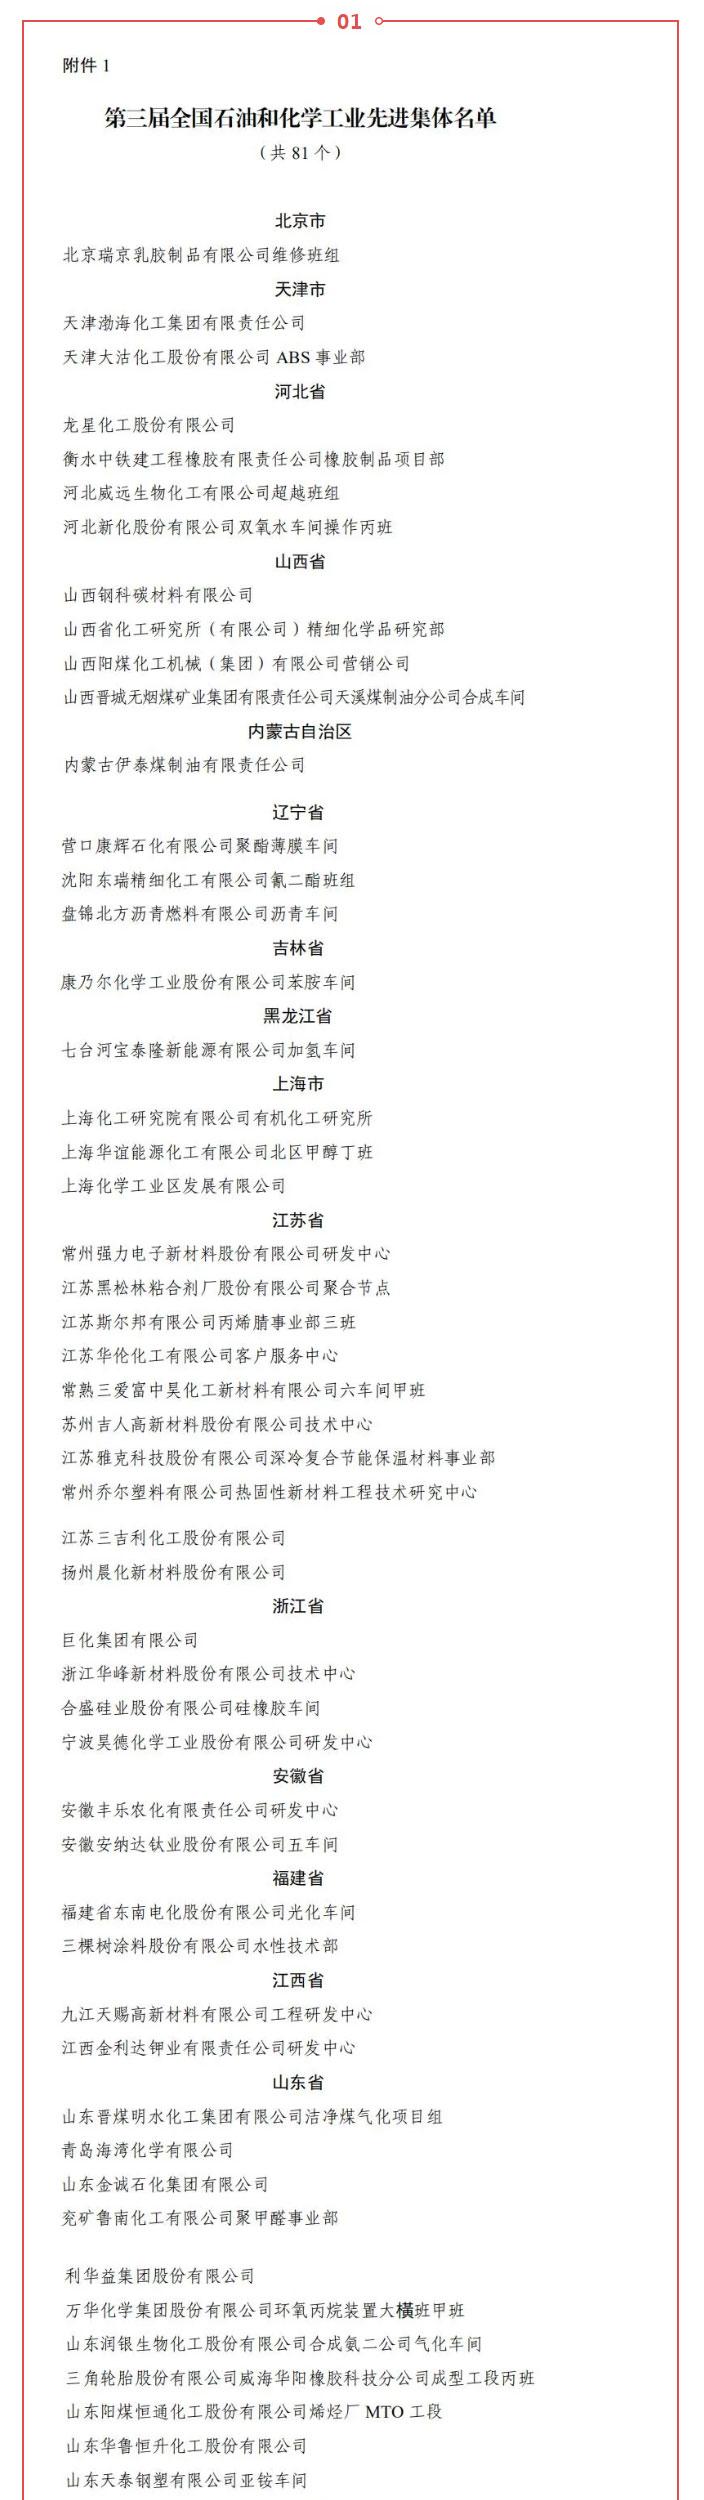 人力資源社會保障部-中國石油和化學工業聯合會關于第三屆全國石油和化學工業-先進集體、勞動模范和先進工_副本_02.jpg